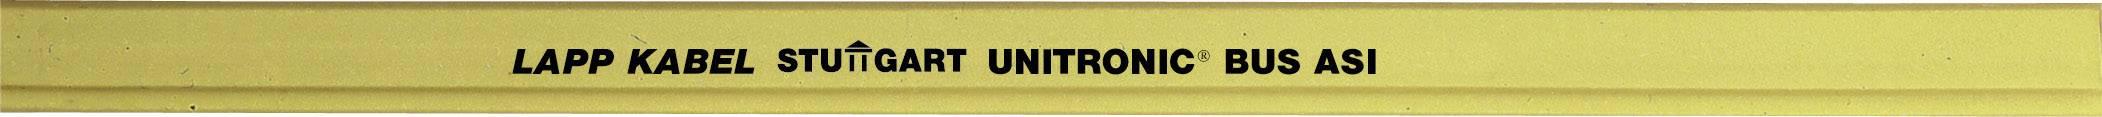 Sběrnicový kabel LAPP UNITRONIC® BUS 2170230, žlutá, 500 m